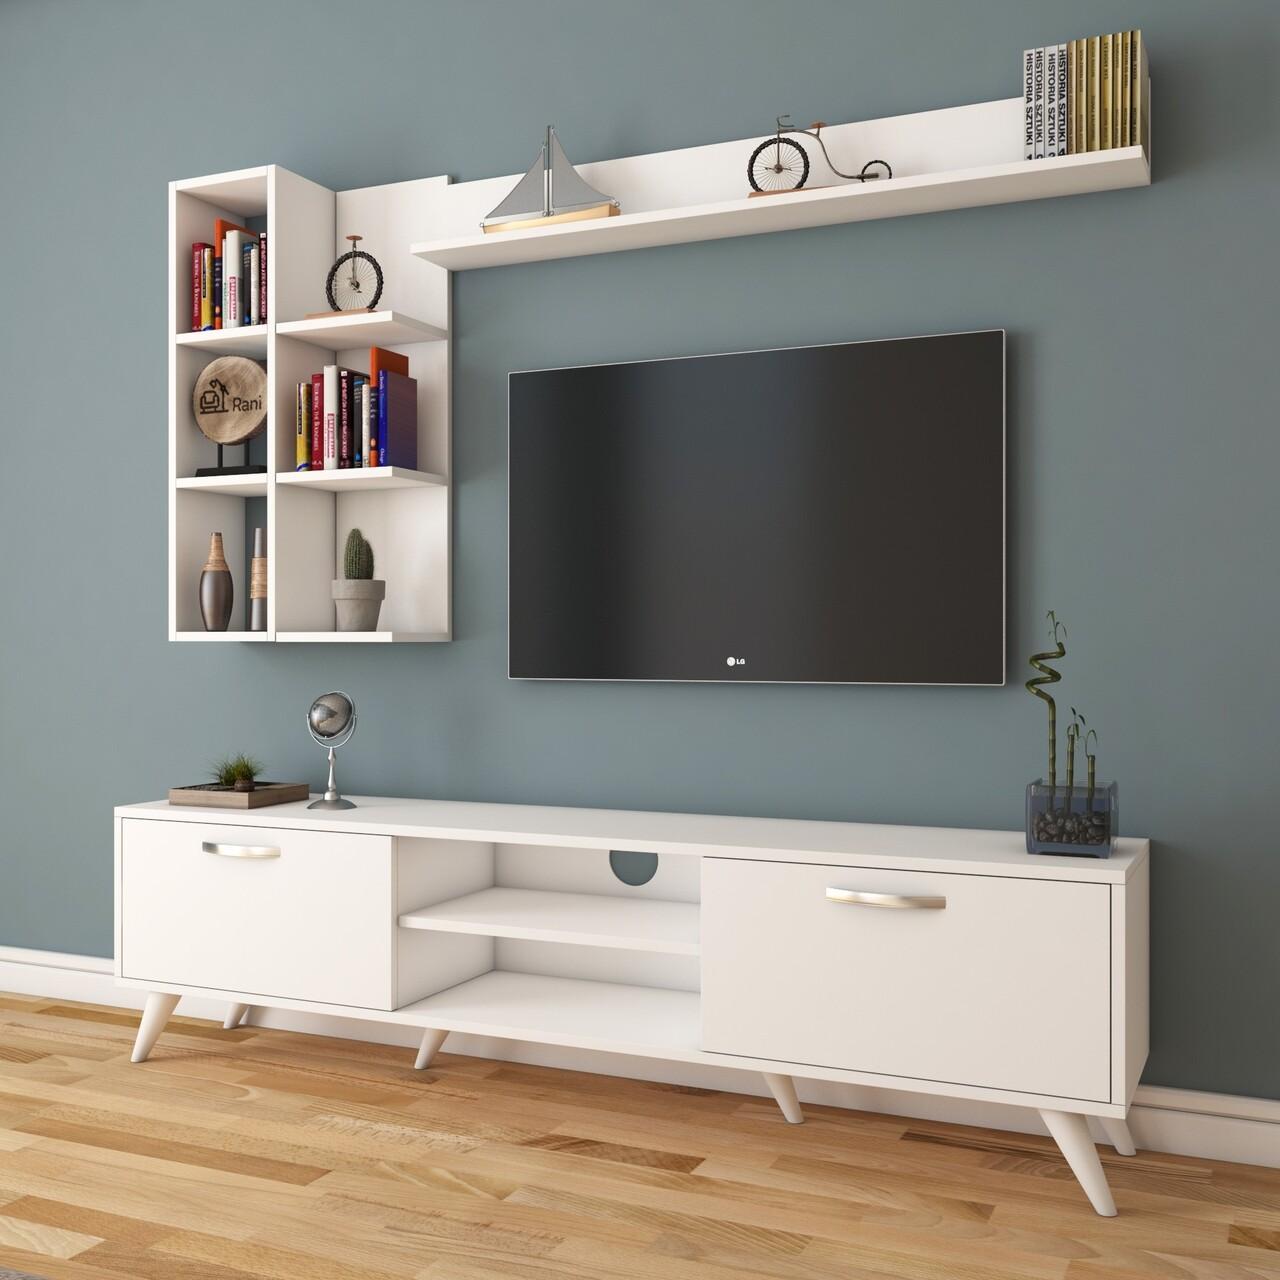 Comoda TV cu 3 rafturi de perete M42 - 312, Wren, 180 x 35 x 48.6 cm/ 90 cm/133 cm, white